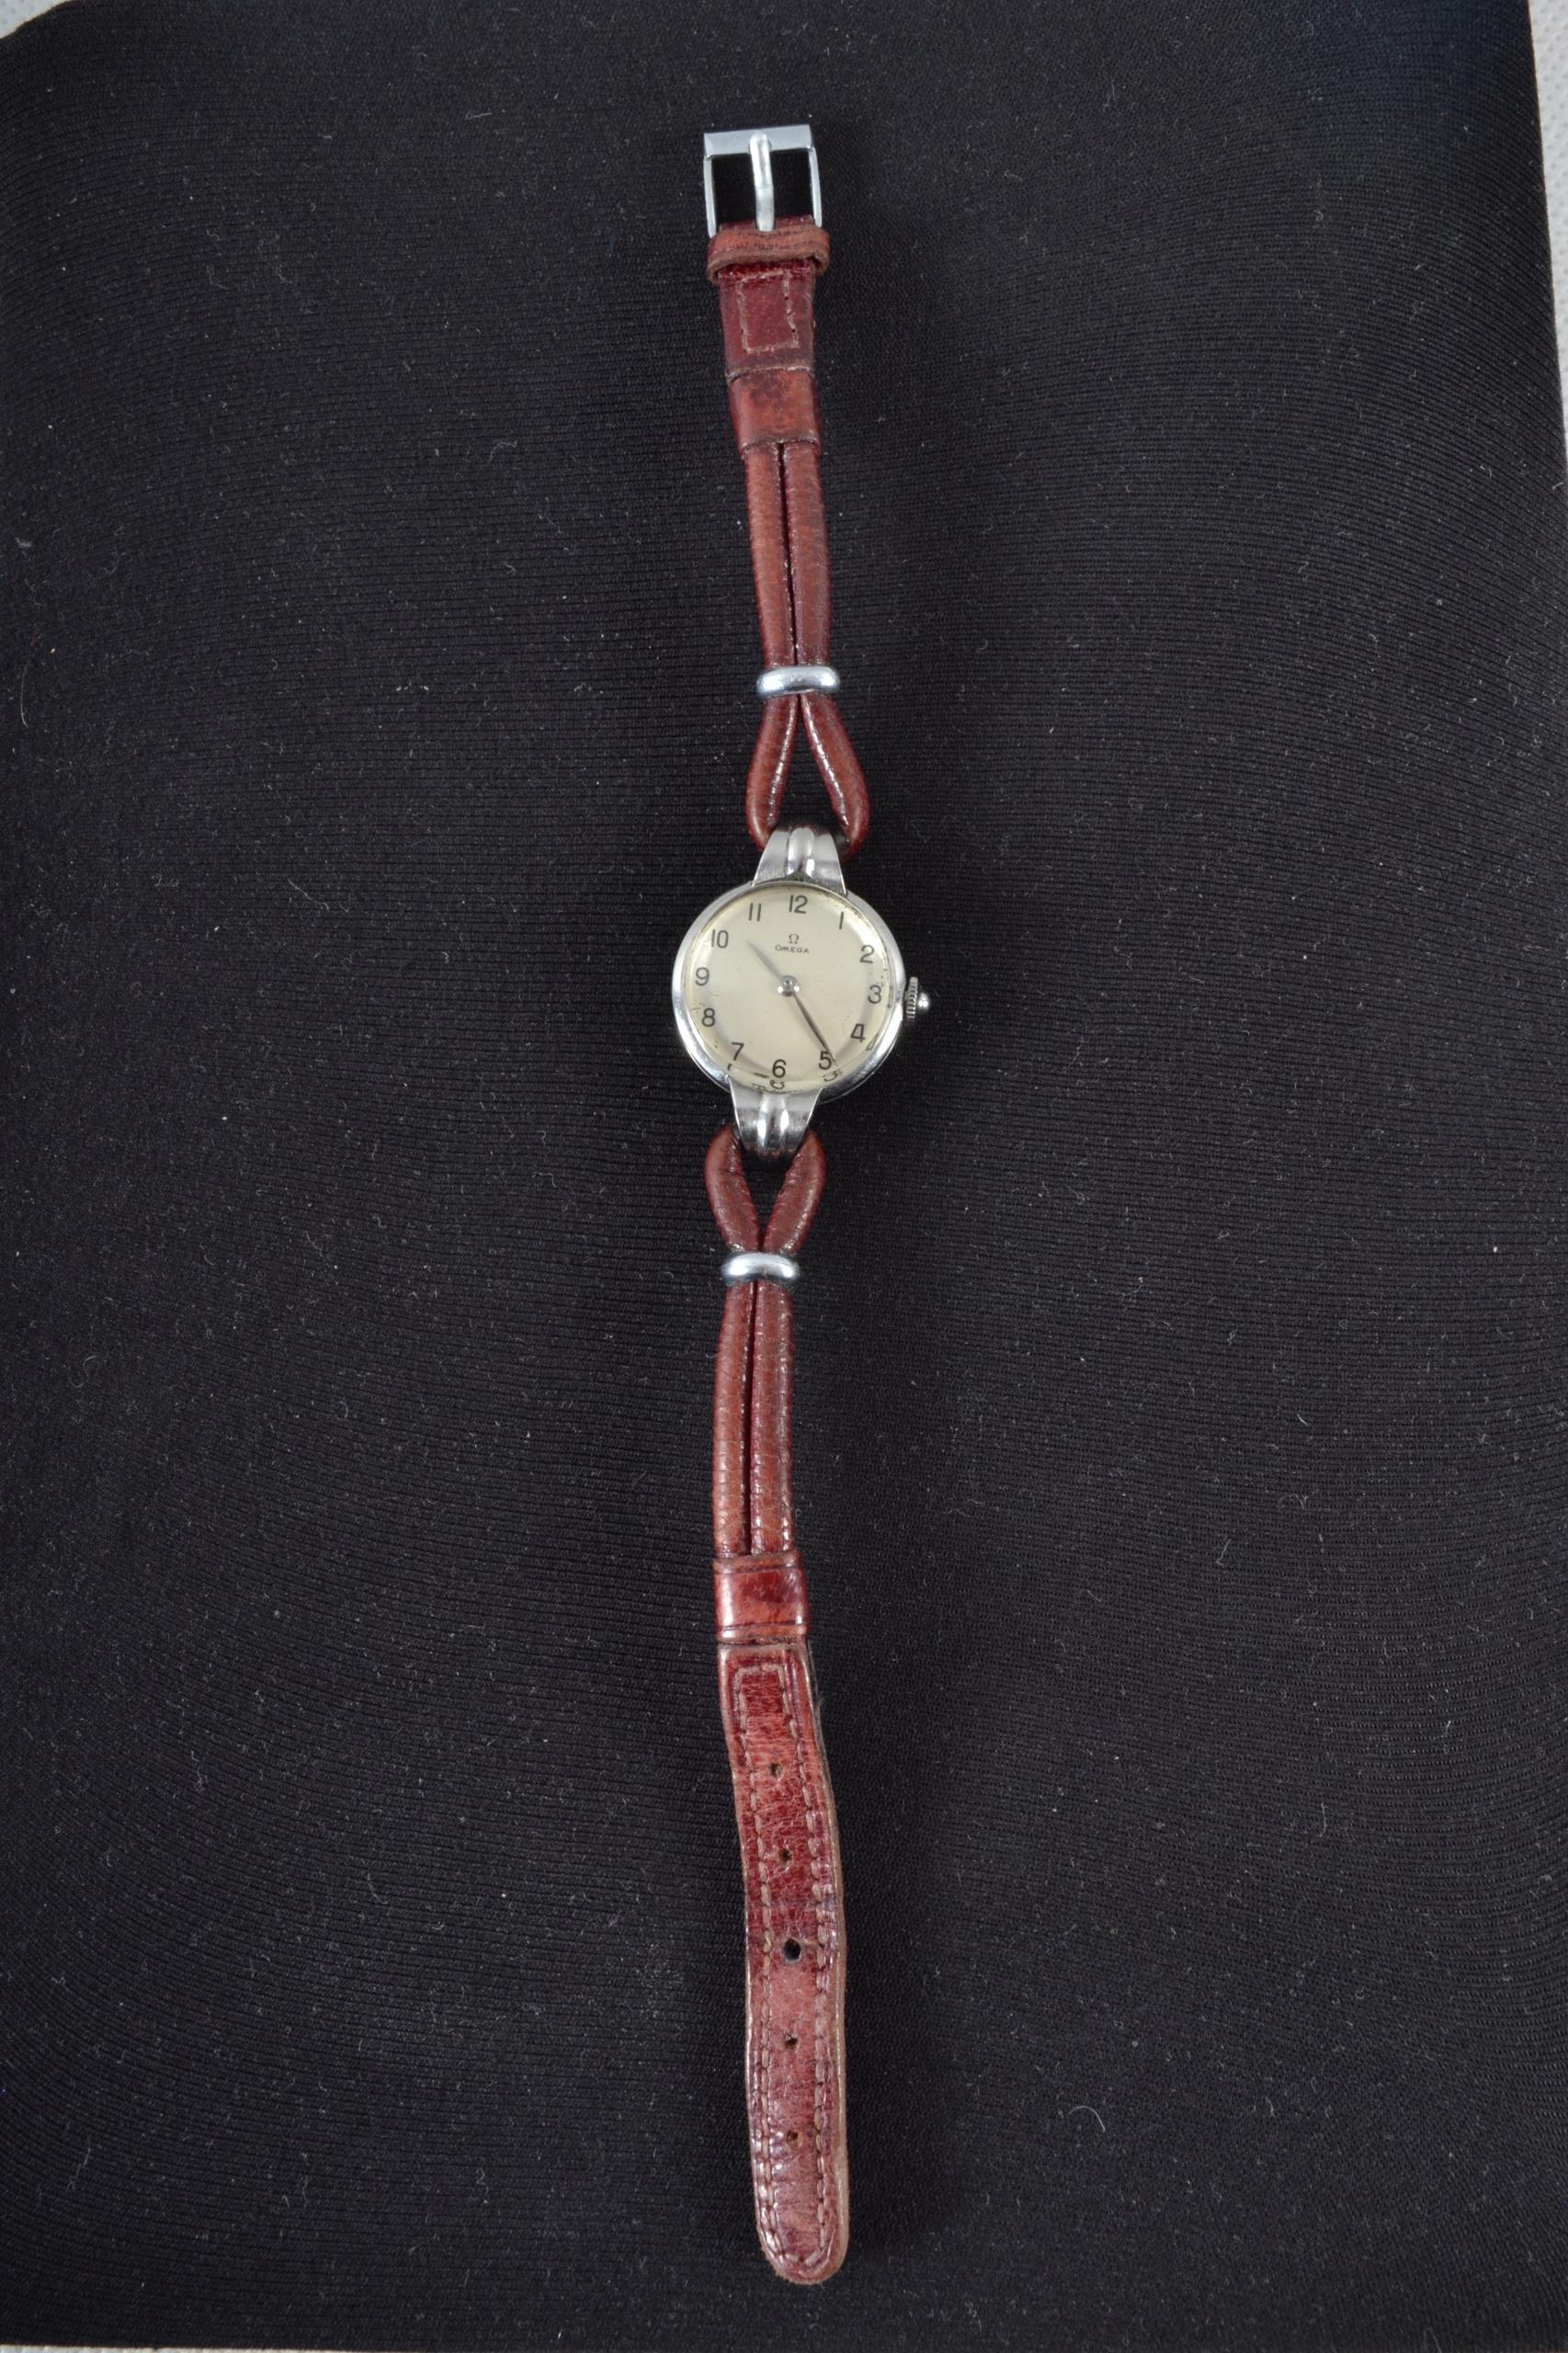 Zegarek damski Omega 12 27g połowa XX wieku